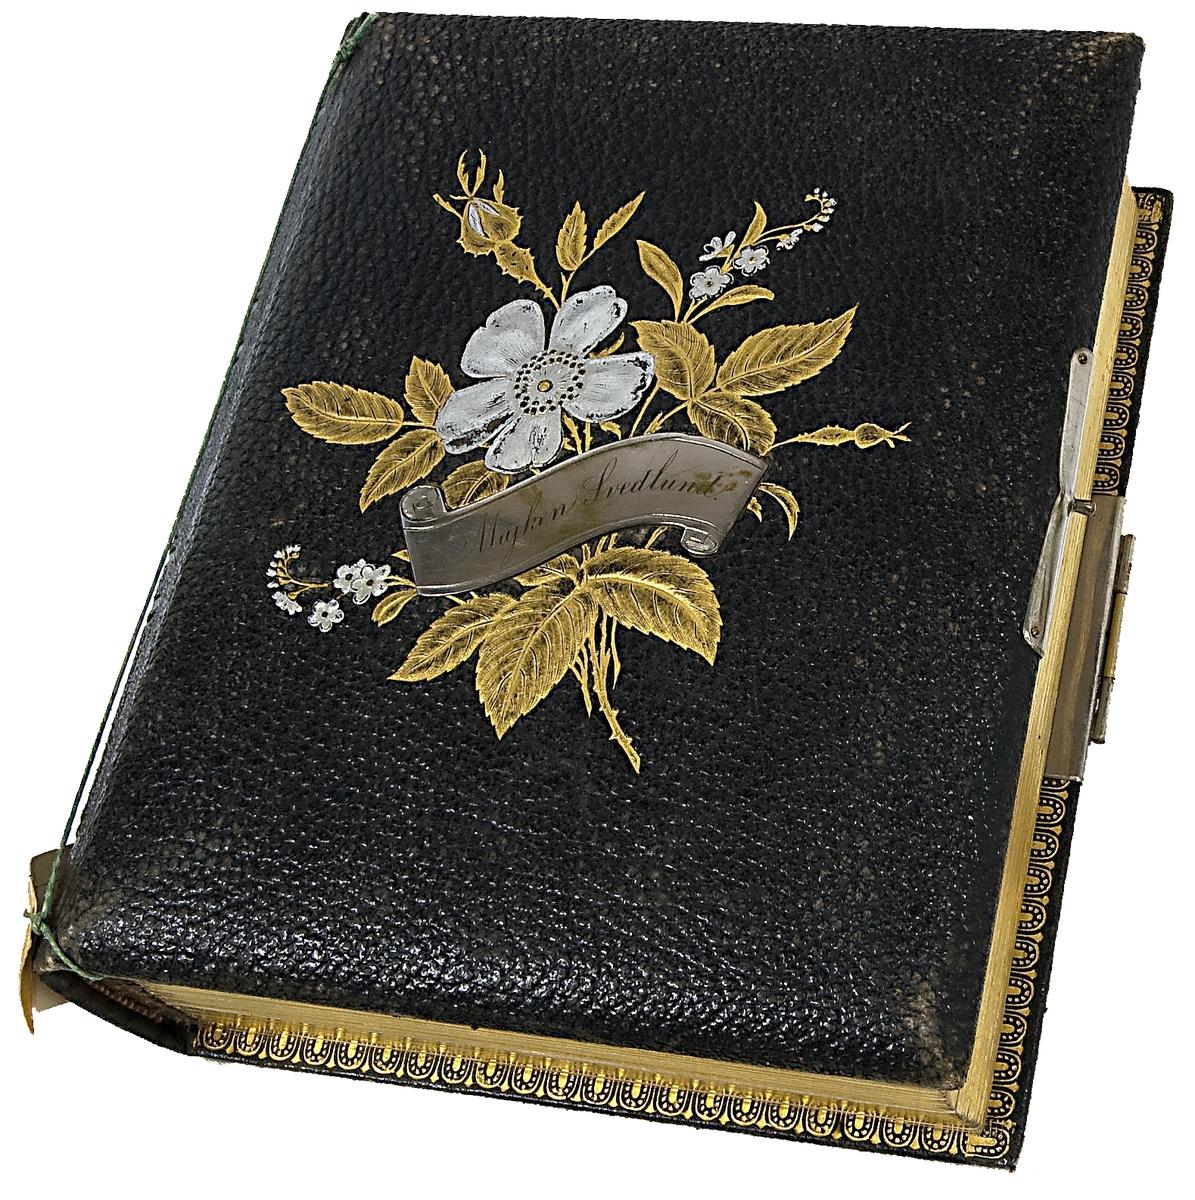 Fotoalbum, svart läder. Dekoration: blombukett med förgyllda blad och försilvrade blommor och namnskylt Majken Svedlund.